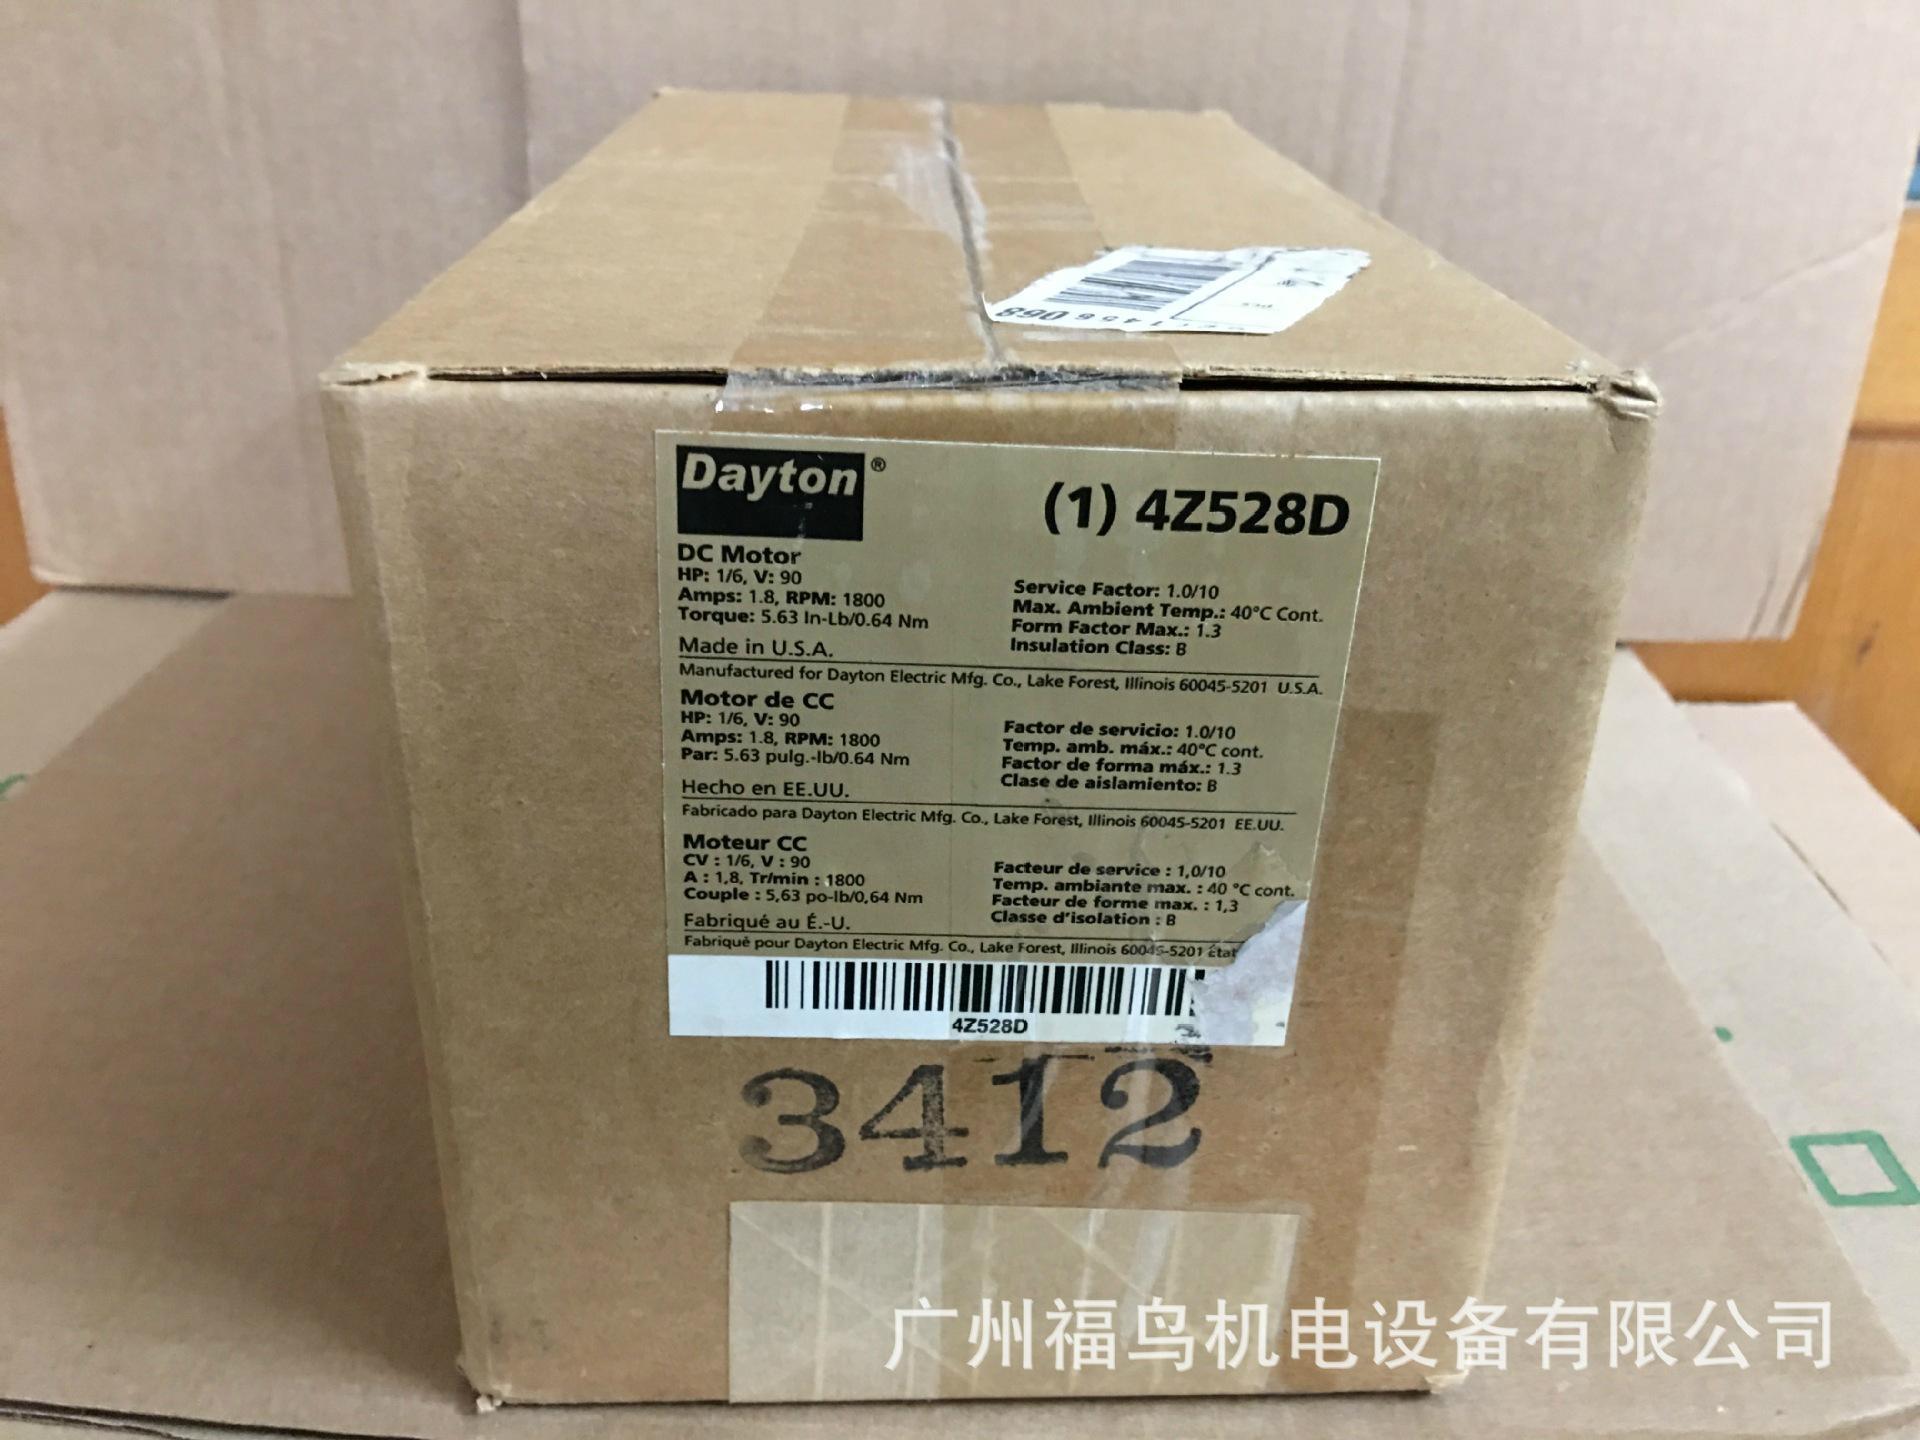 DAYTON电机, 型号: 4Z528D